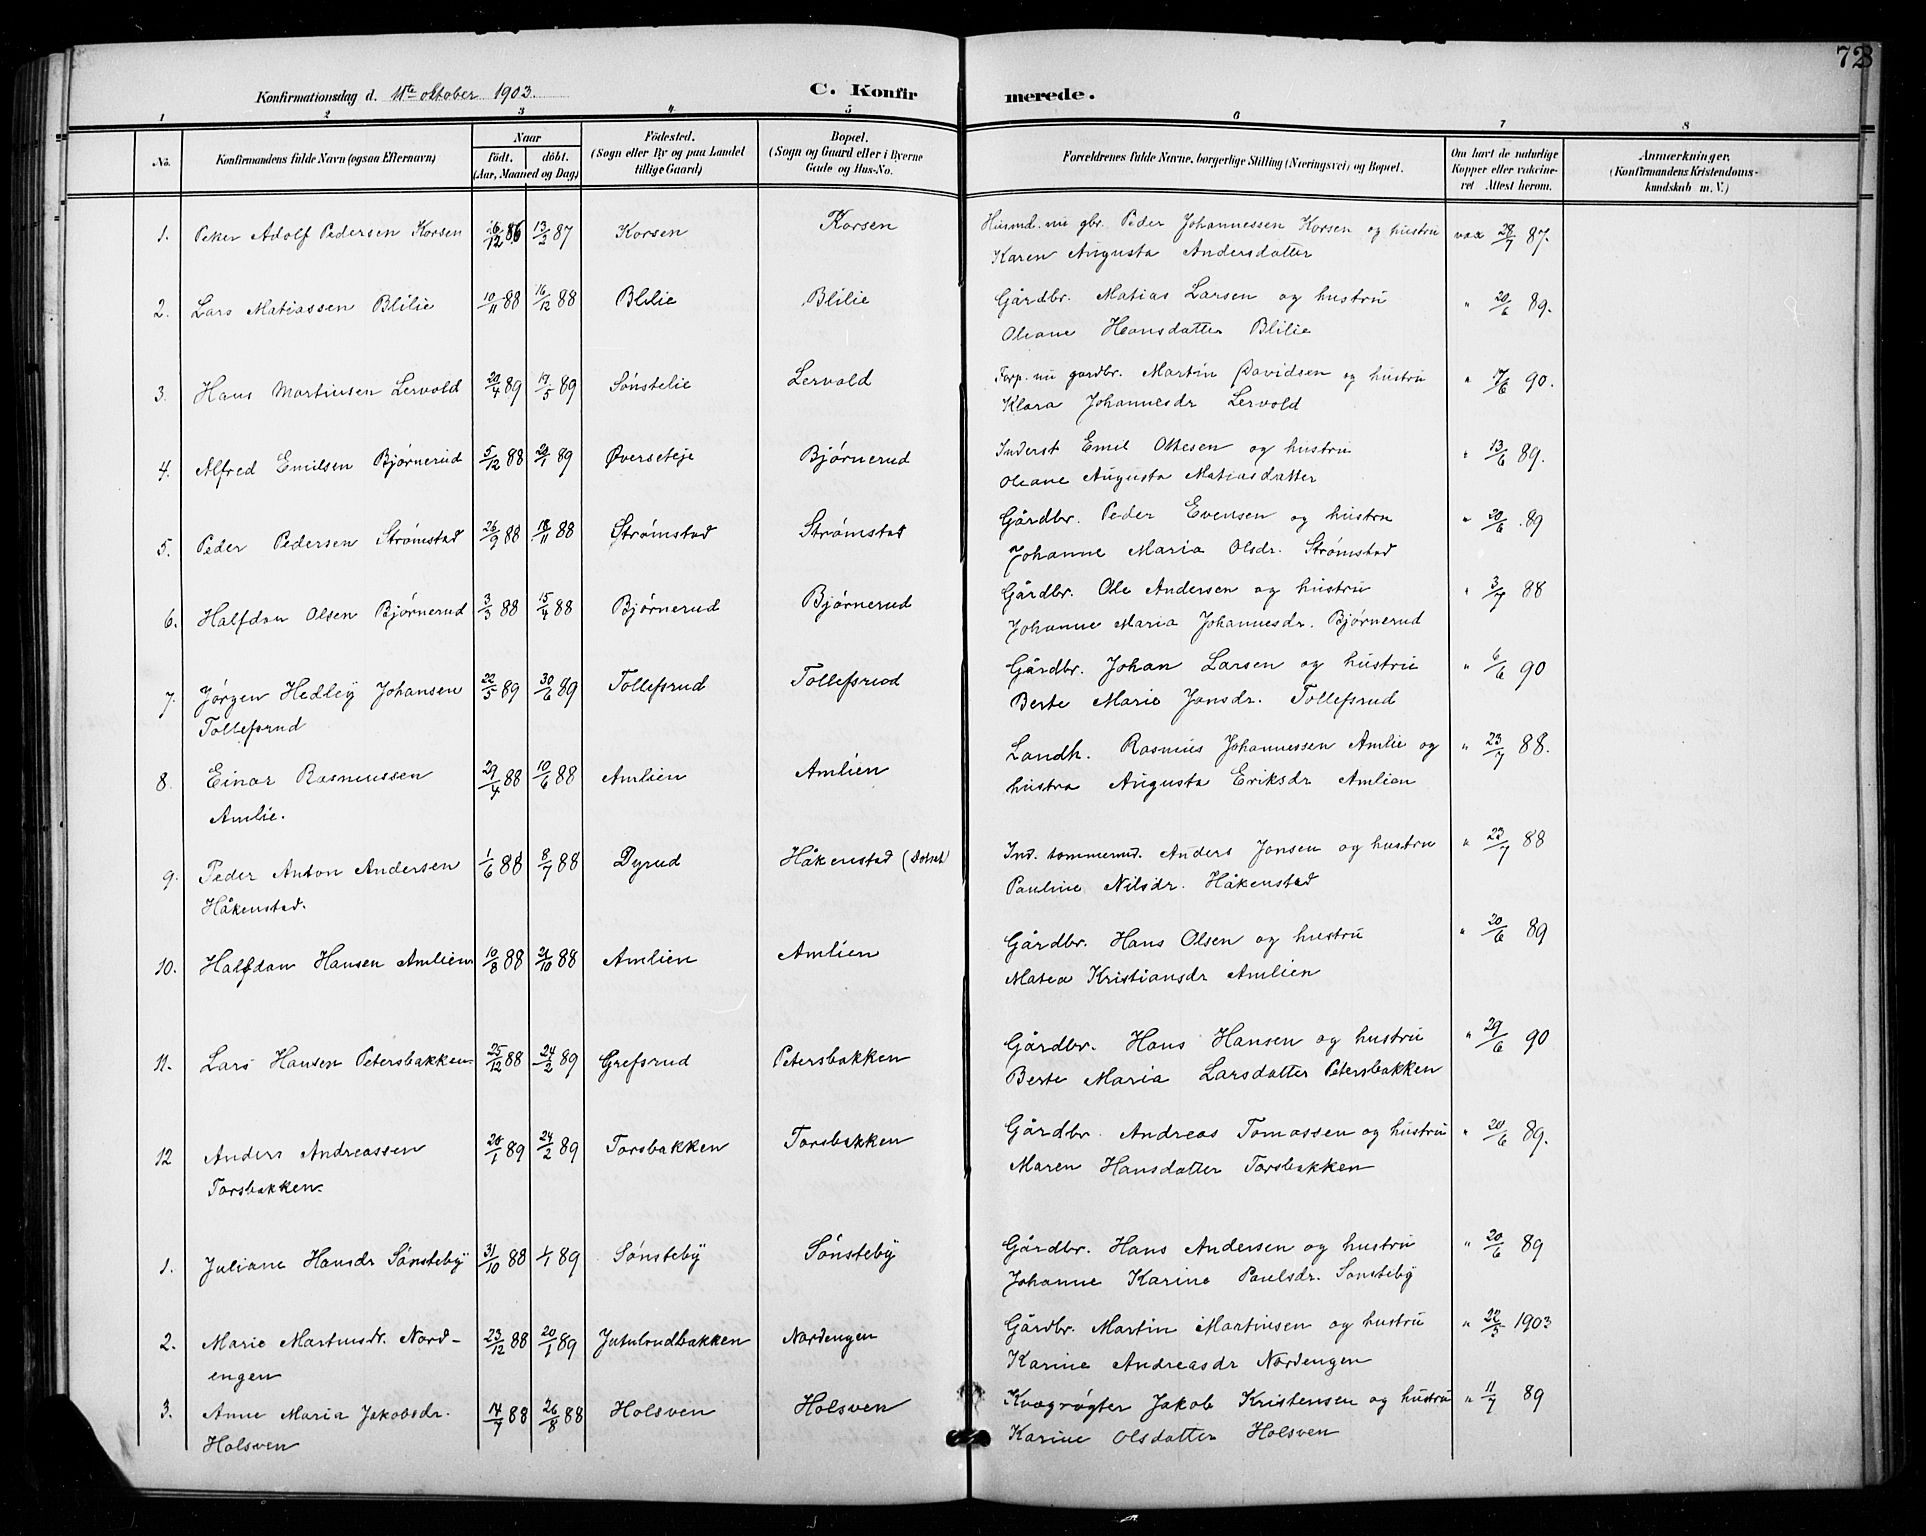 SAH, Vestre Toten prestekontor, Klokkerbok nr. 16, 1901-1915, s. 72